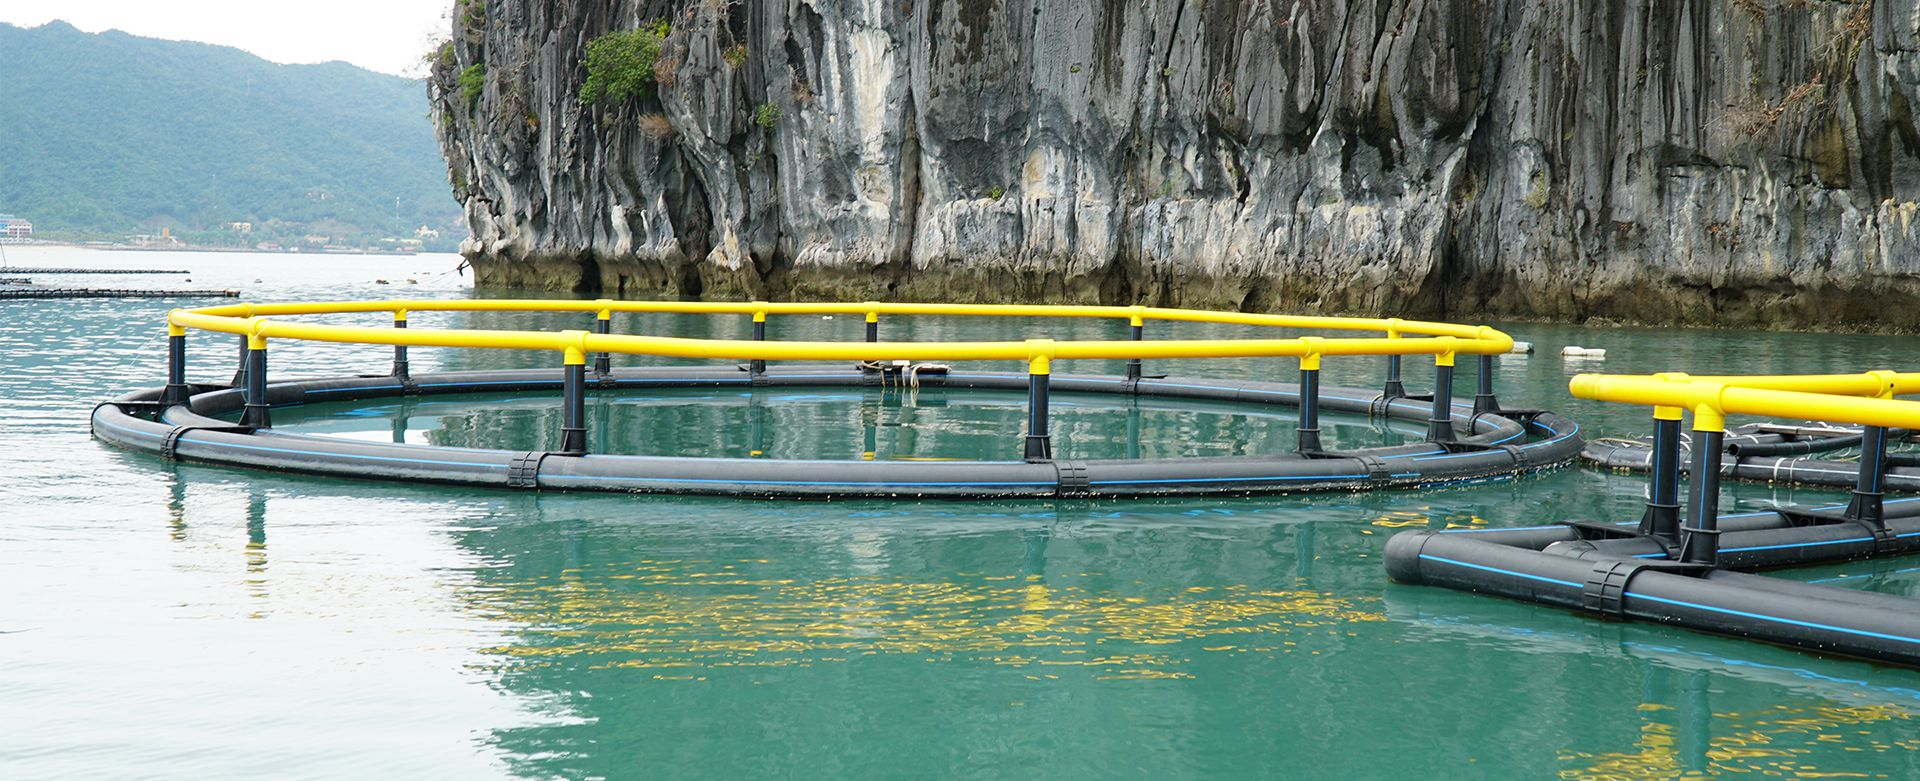 Lồng nhựa HDPE nuôi cá, nuôi trồng thủy sản hiện nay được ứng dụng rất rộng rãi tại các tỉnh ven biển